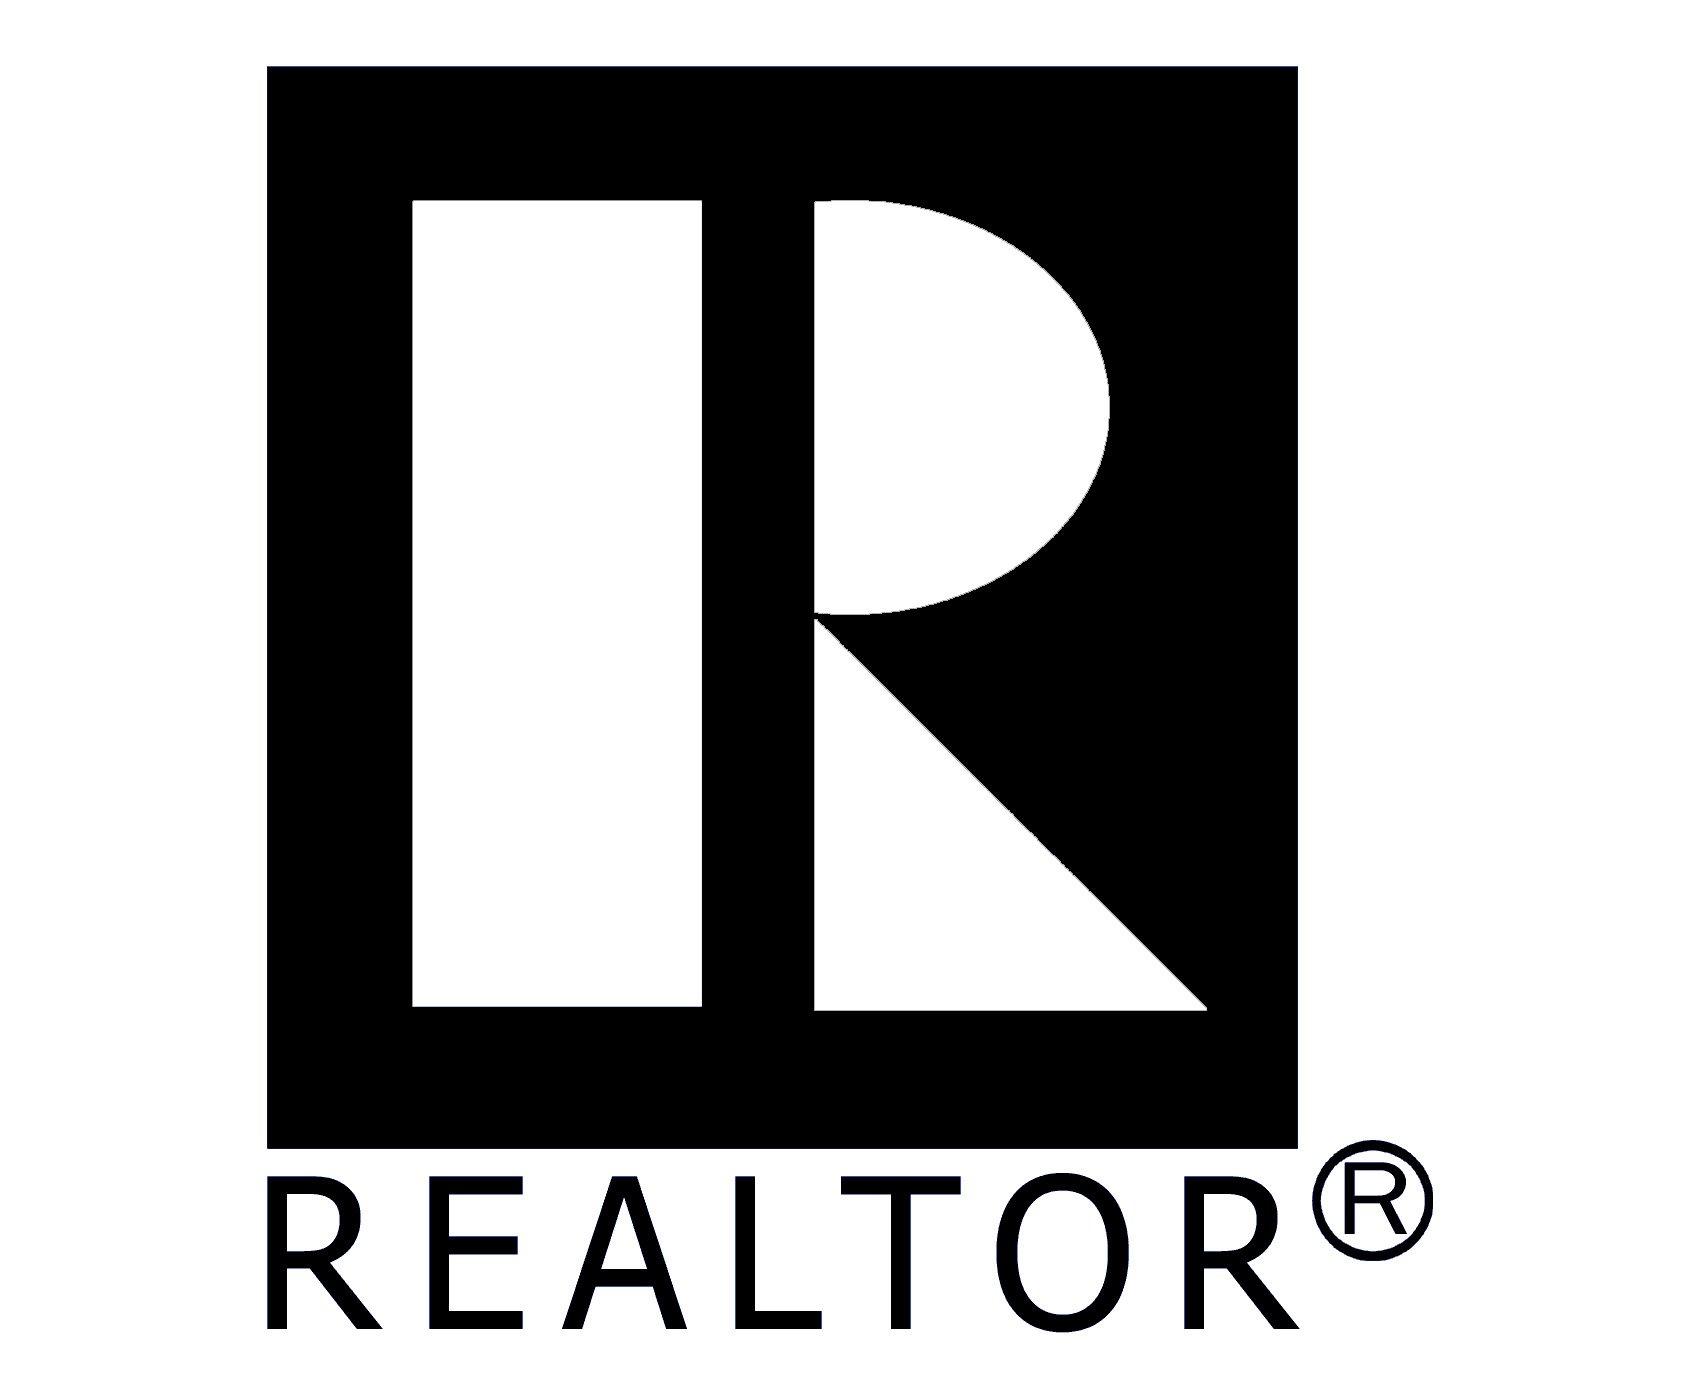 Mls Realtor Logo Mls Realtor Symbol Meaning History And Evolution